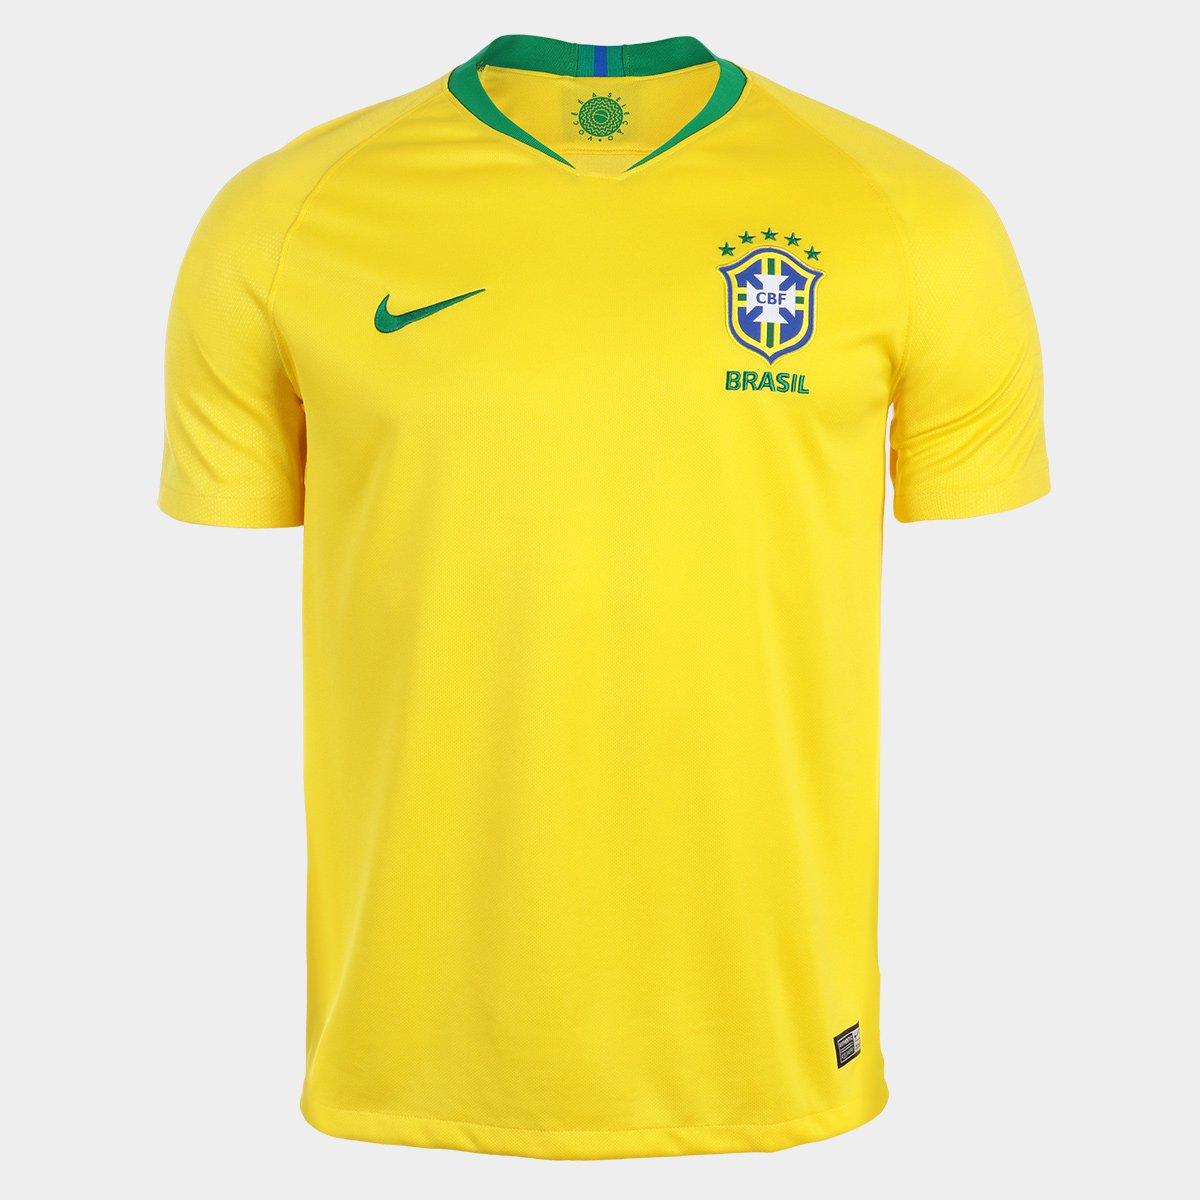 ... Camisa Seleção Brasil I 2018 nº 11 P. Coutinho - Torcedor Nike  Masculina ... cd80e44457510